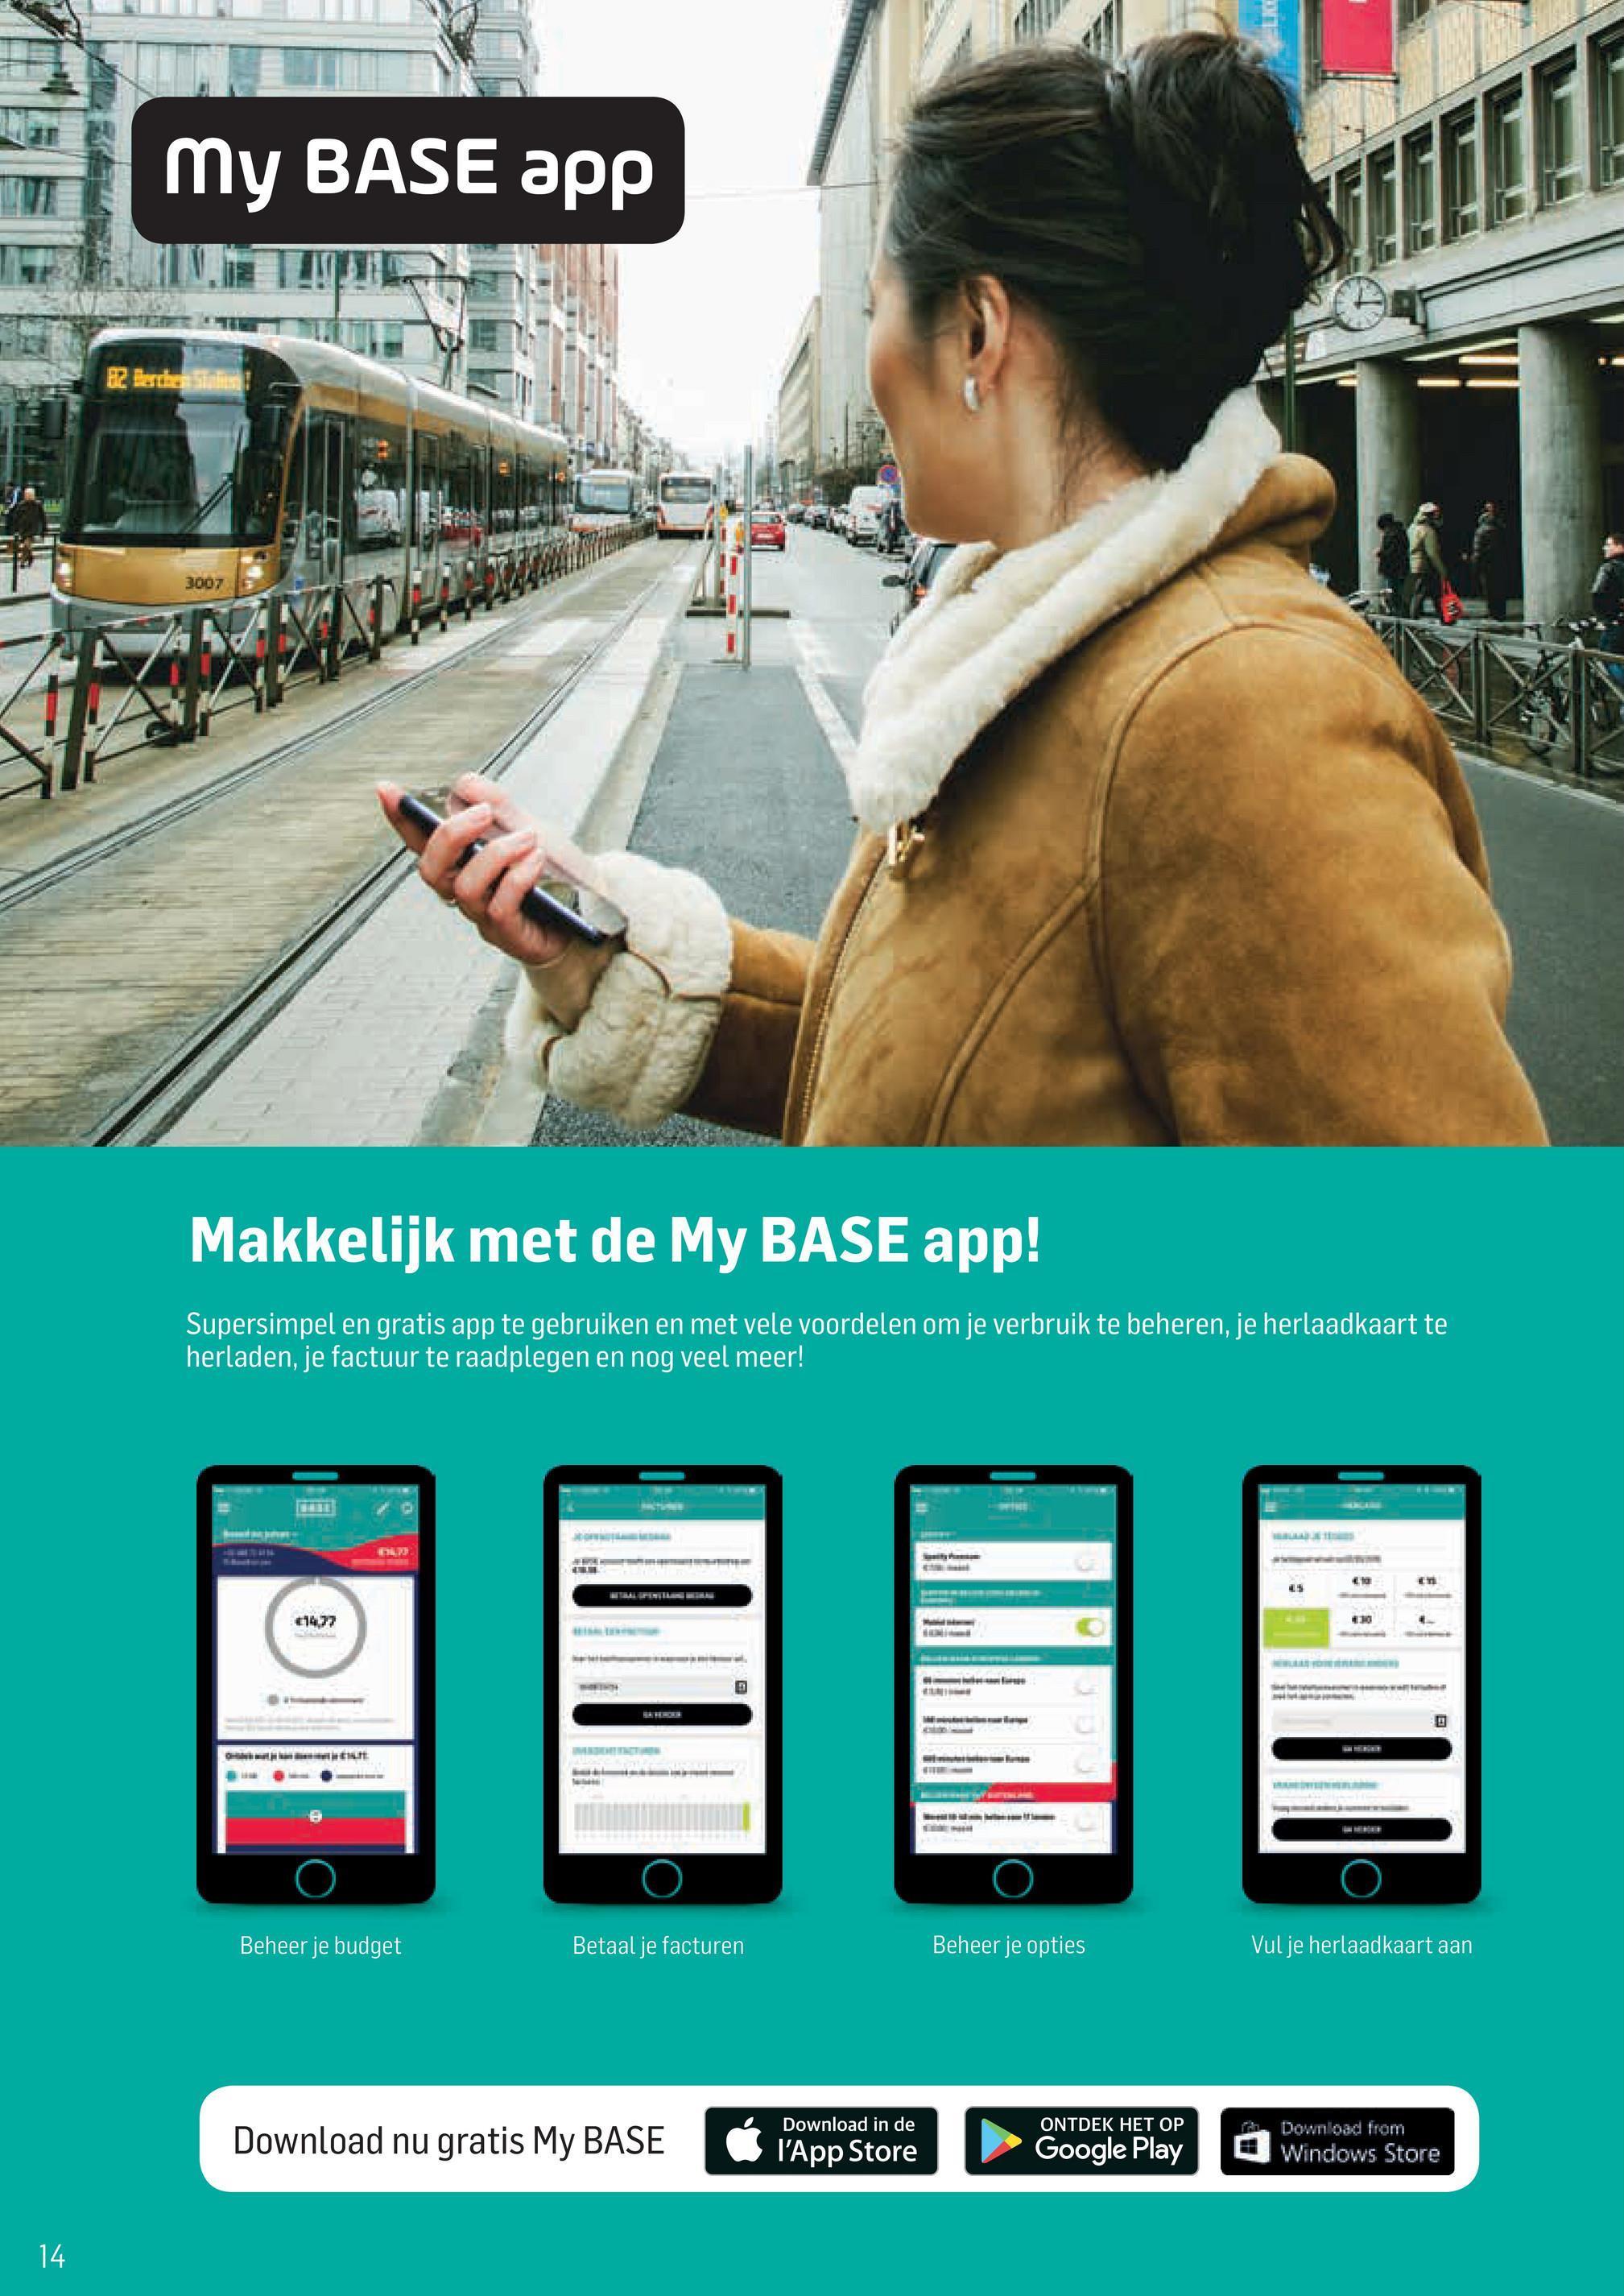 My BASE app 31007 Makkelijk met de My BASE app! Supersimpel en gratis app te gebruiken en met vele voordelen om je verbruik te beheren, je herlaadkaart te herladen, je factuur te raadplegen en nog veel meer! $14.77 Beheer je budget Betaal je facturen Beheer je opties Vul je herlaadkaart aan Download nu gratis My BASE Download in de l'App Store ONTDEK HET OP Google Play A Down load from Windows Store